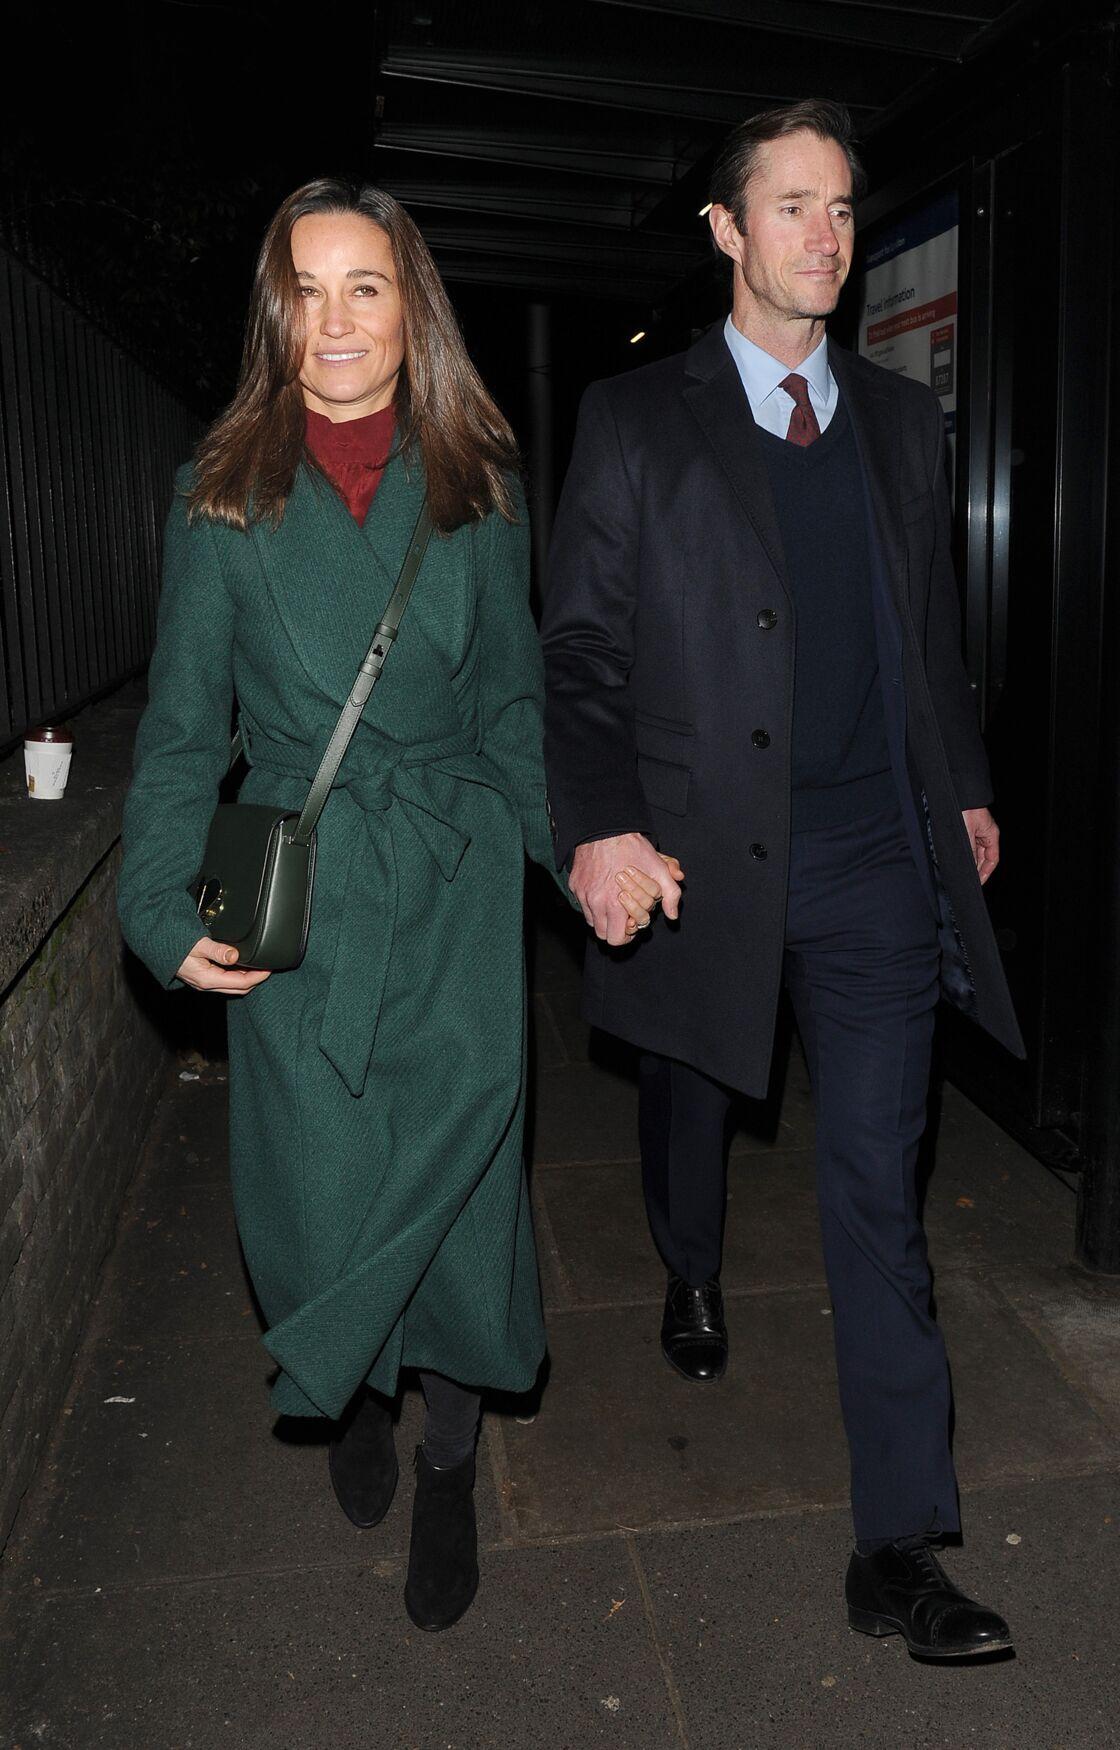 Pippa Middleton et son époux James Matthews en route pour célébrer la mémoire d'Henry van Straubenzee, à l'église St Luke, à Londres, le 4 décembre 2019.